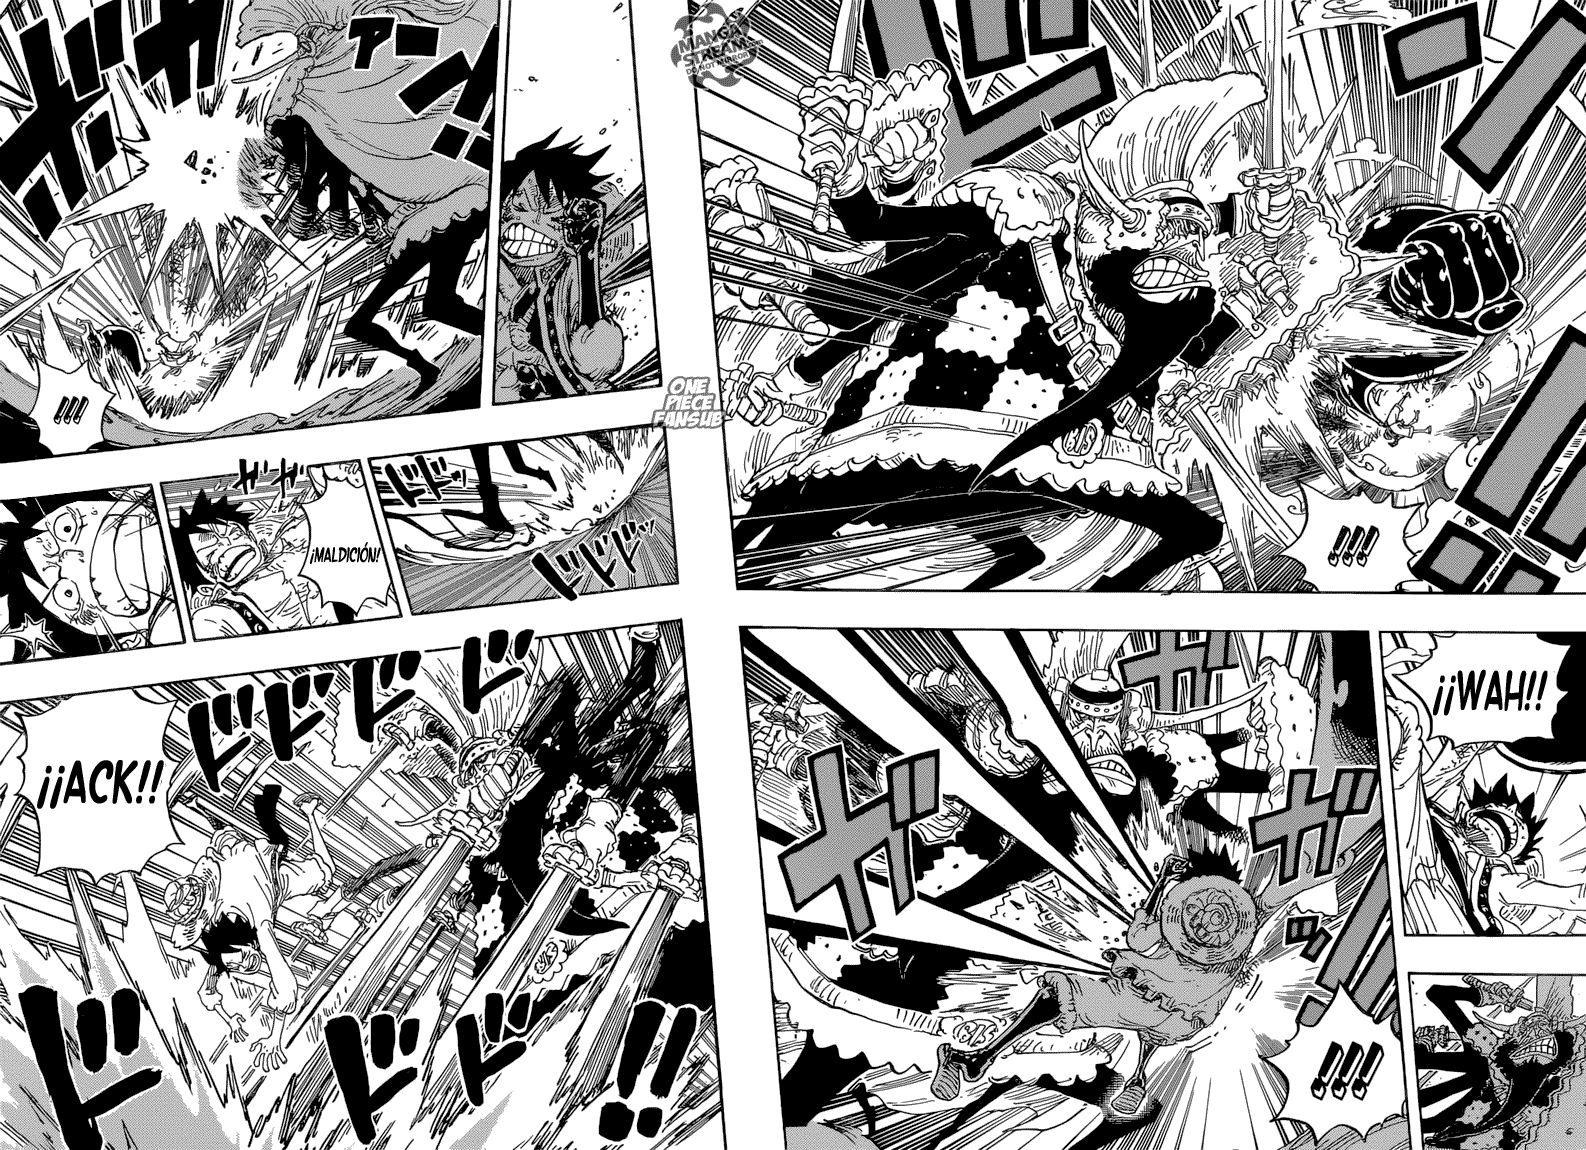 http://c5.ninemanga.com/es_manga/pic2/50/114/494440/d1f8643fbc2b43ef133eec4e483b3565.jpg Page 5